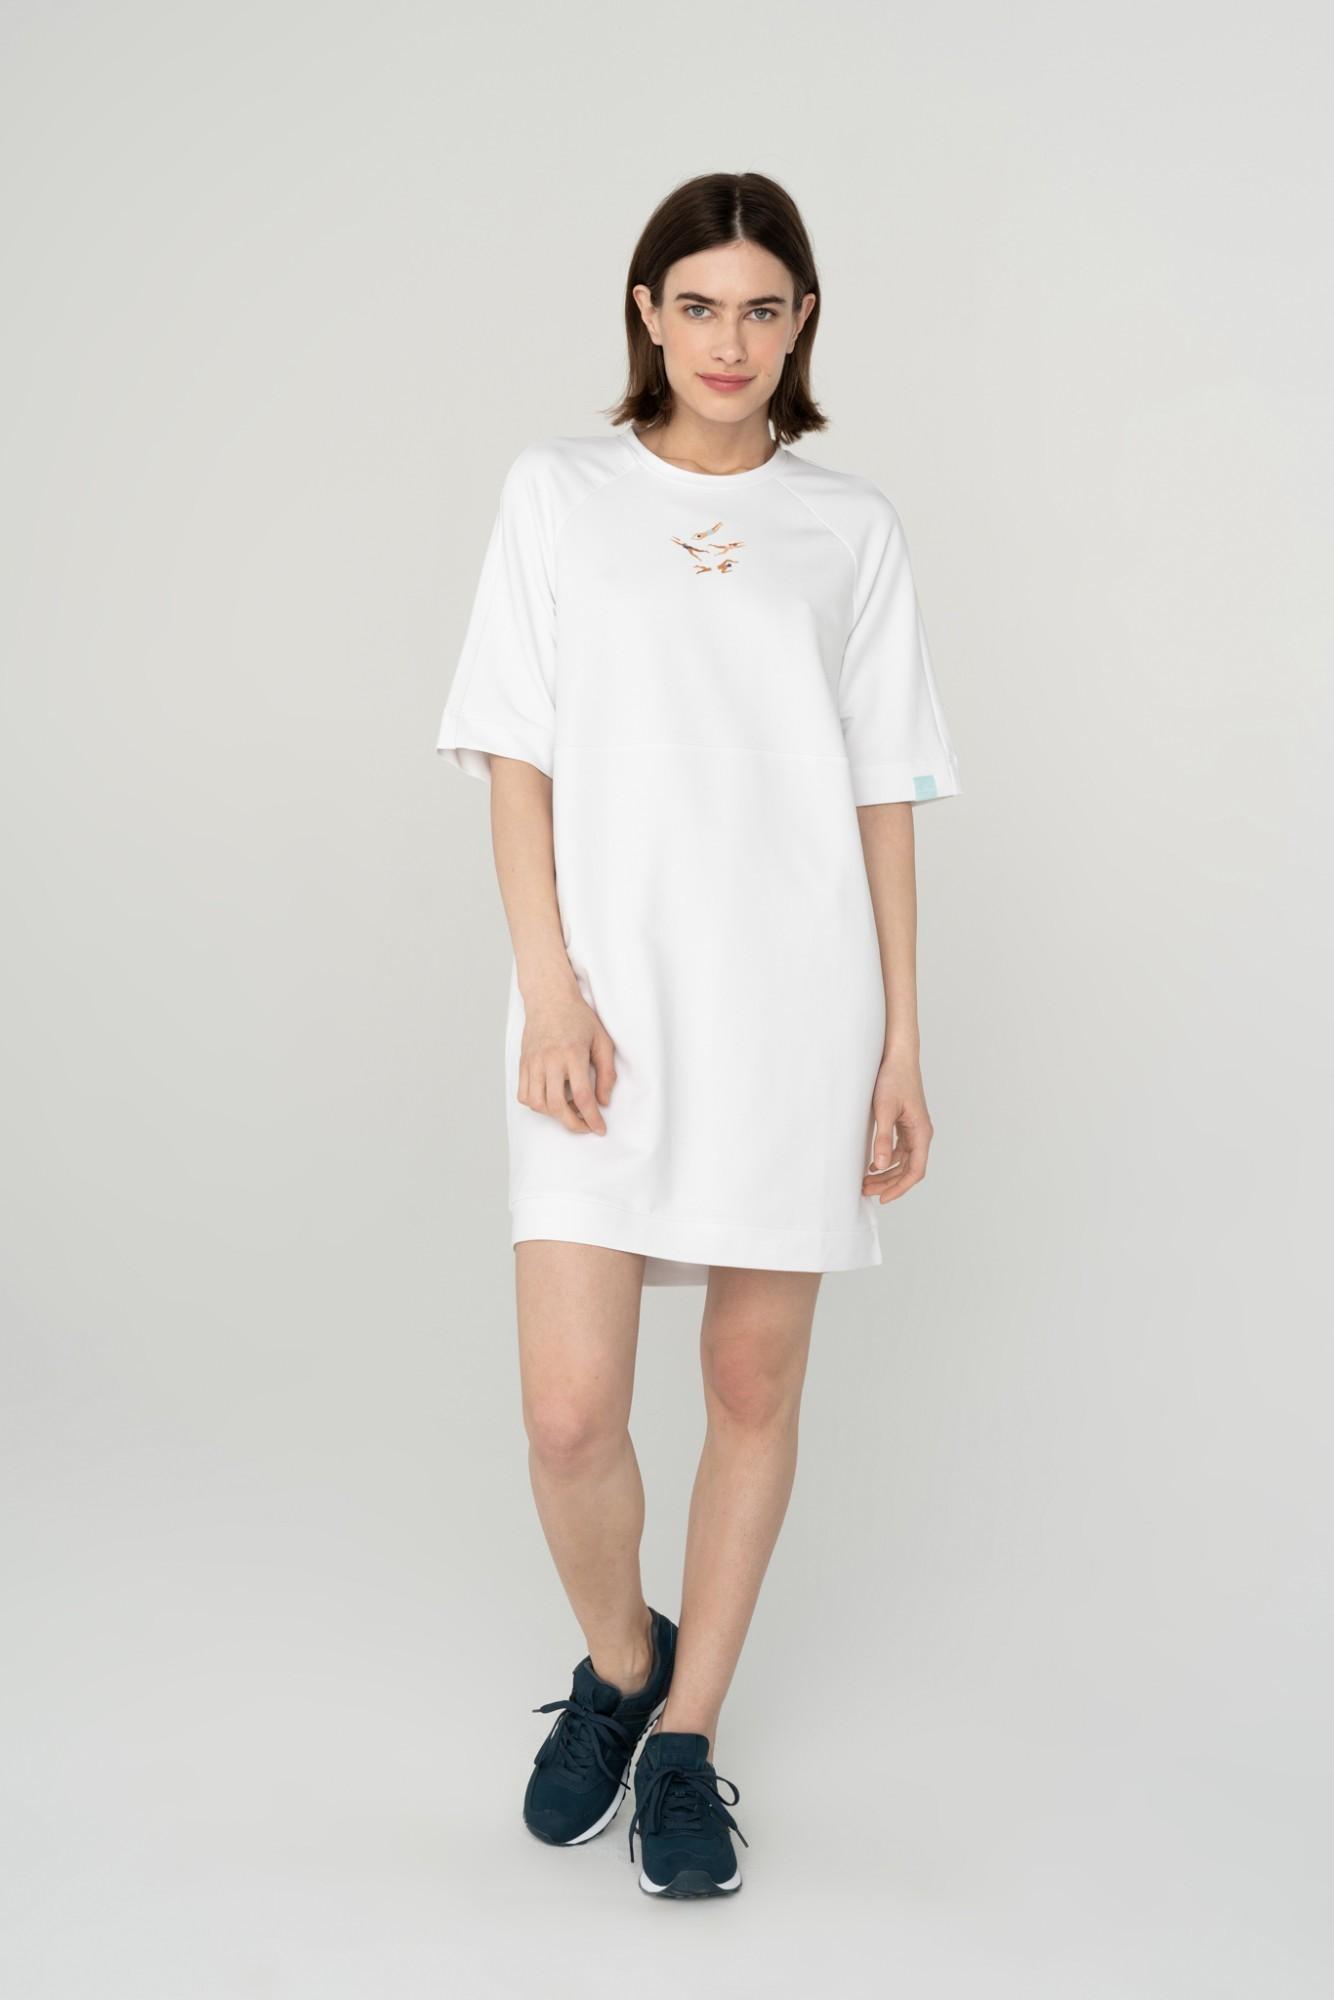 AUDIMAS Švelni modalo suknelė 2111-007 White L